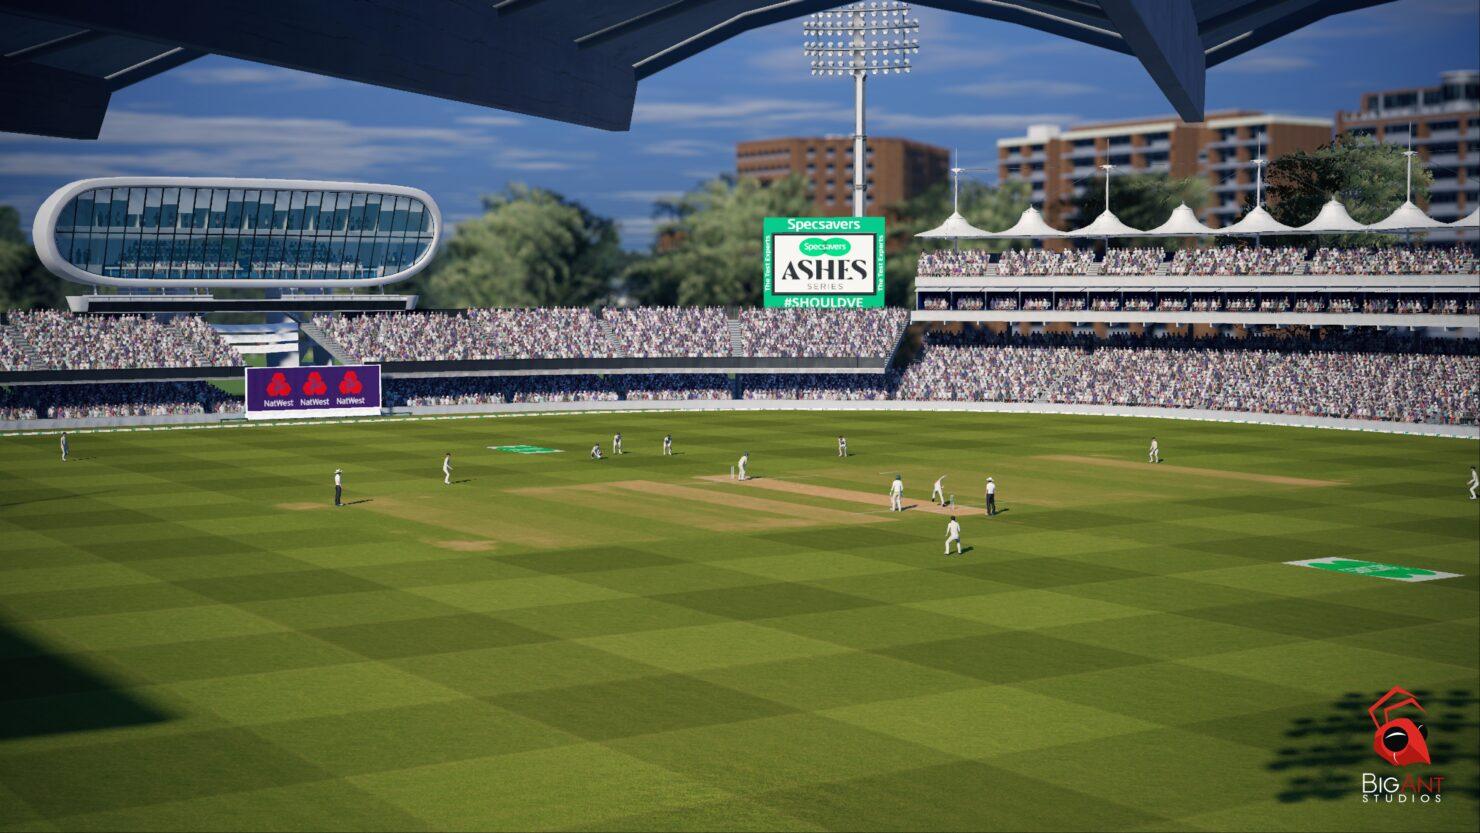 cricket-19-announced-screenshot-01